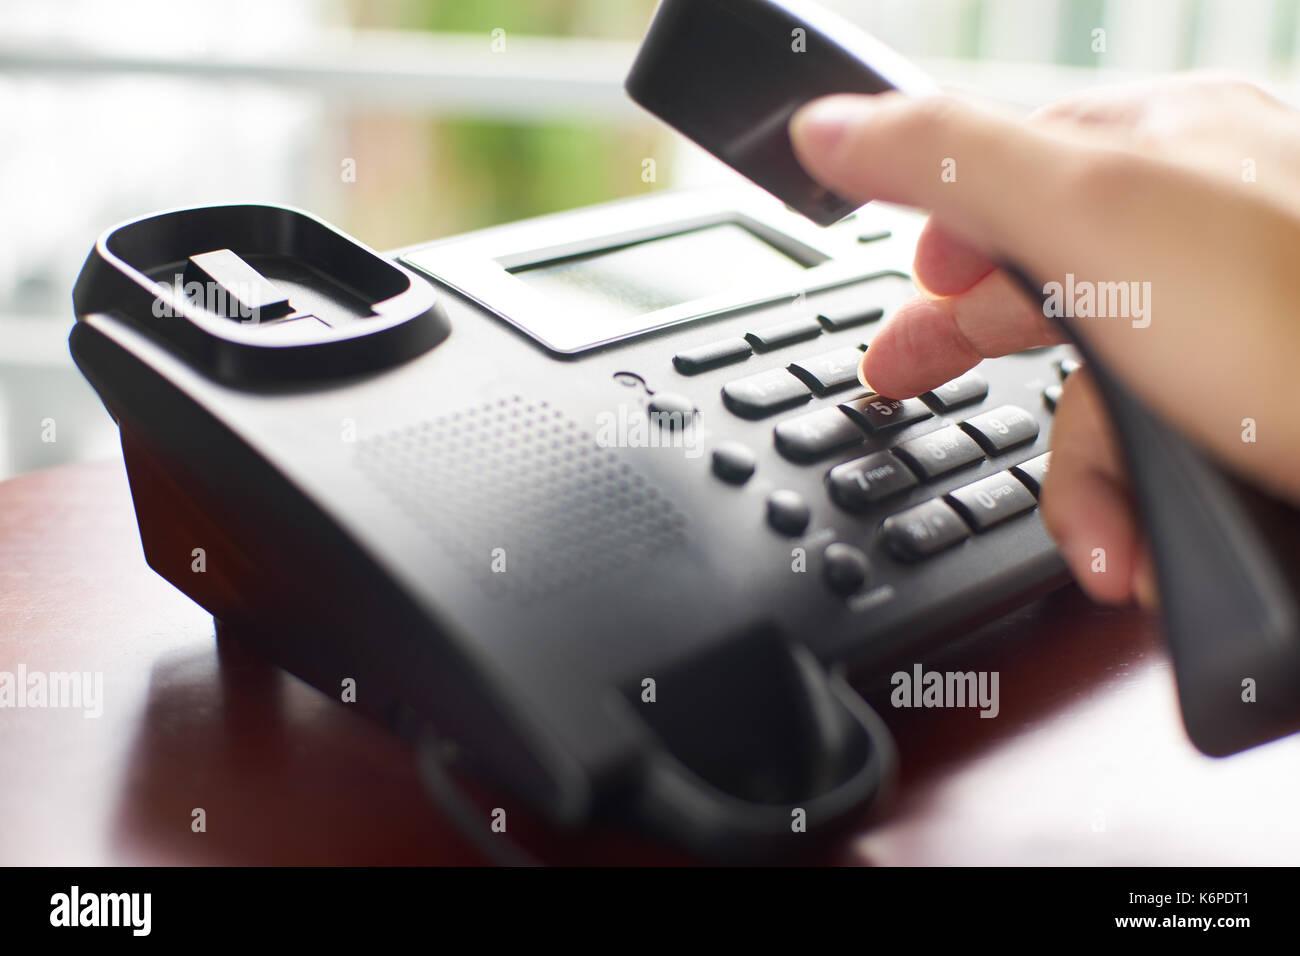 Téléphone numérotation ,contact et service client concept . Focus sélectionné . Photo Stock